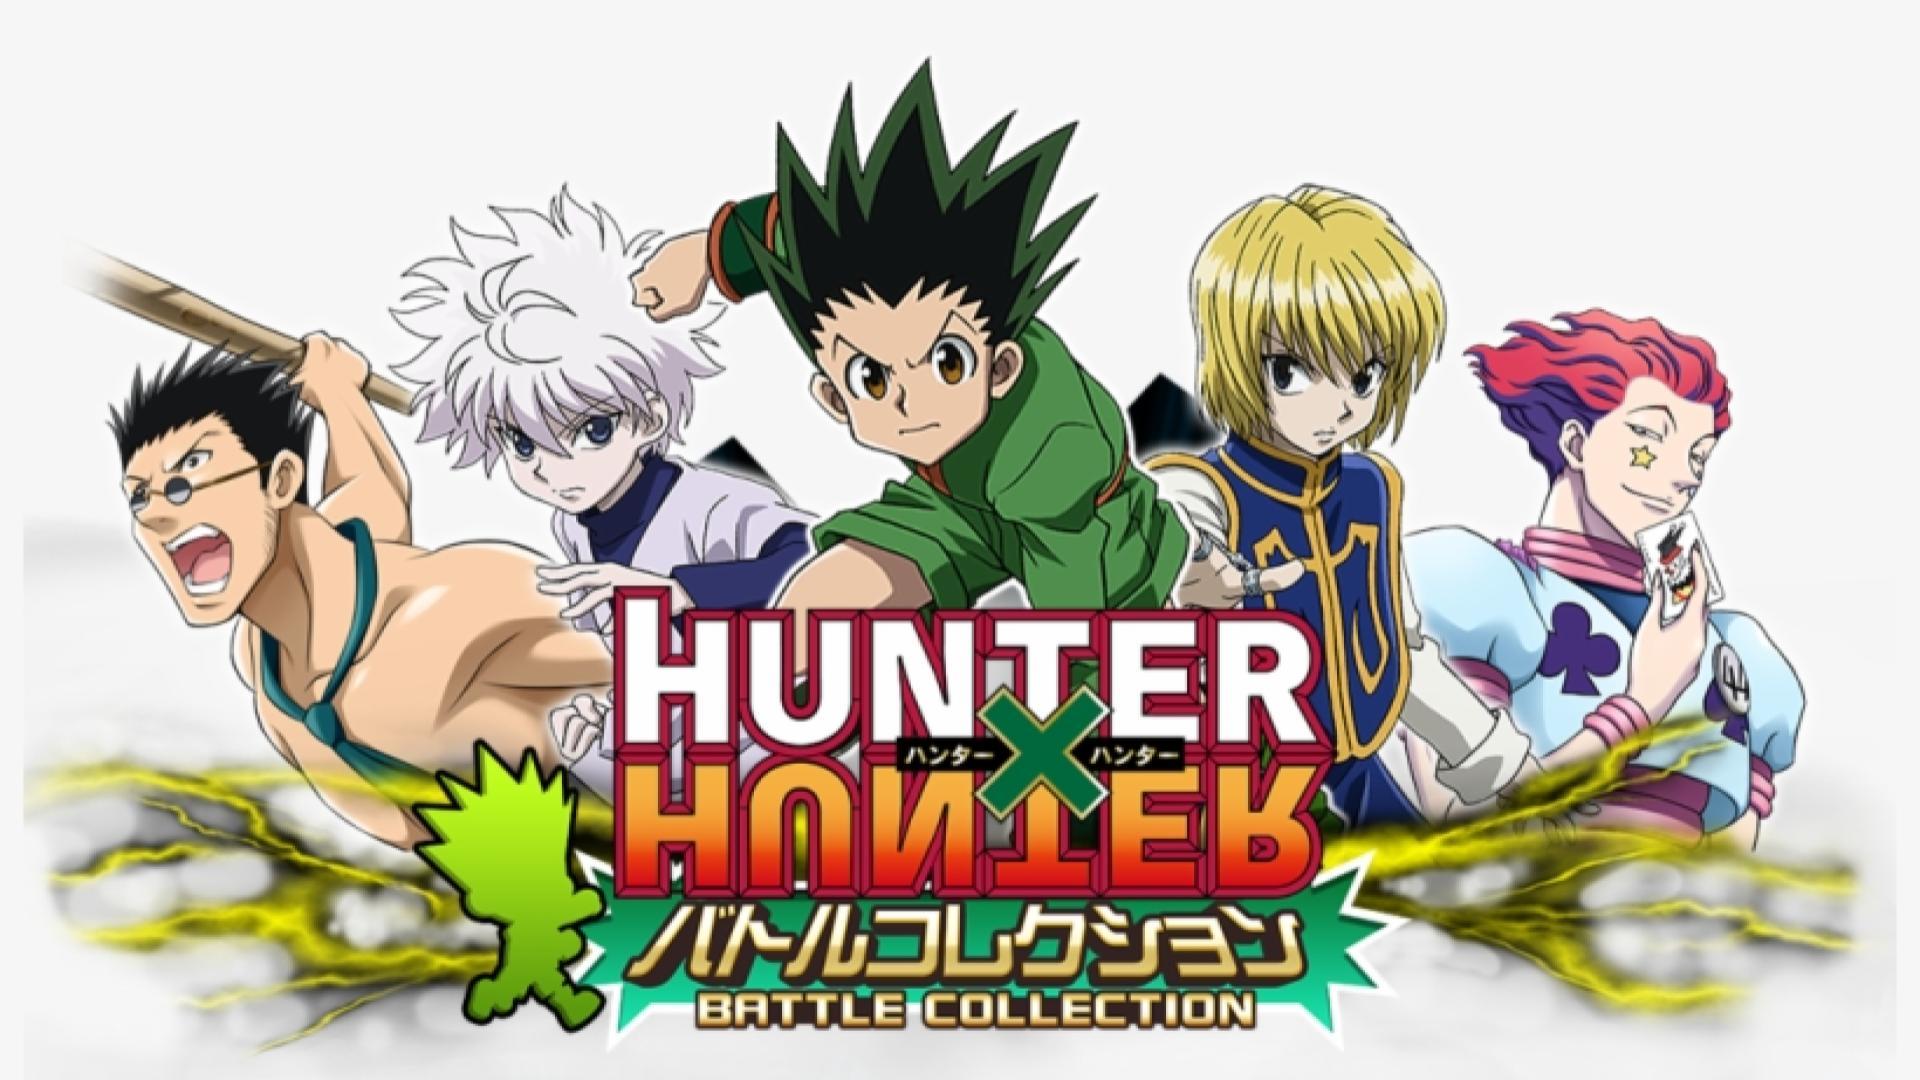 Hunter x Hunter Saison 7